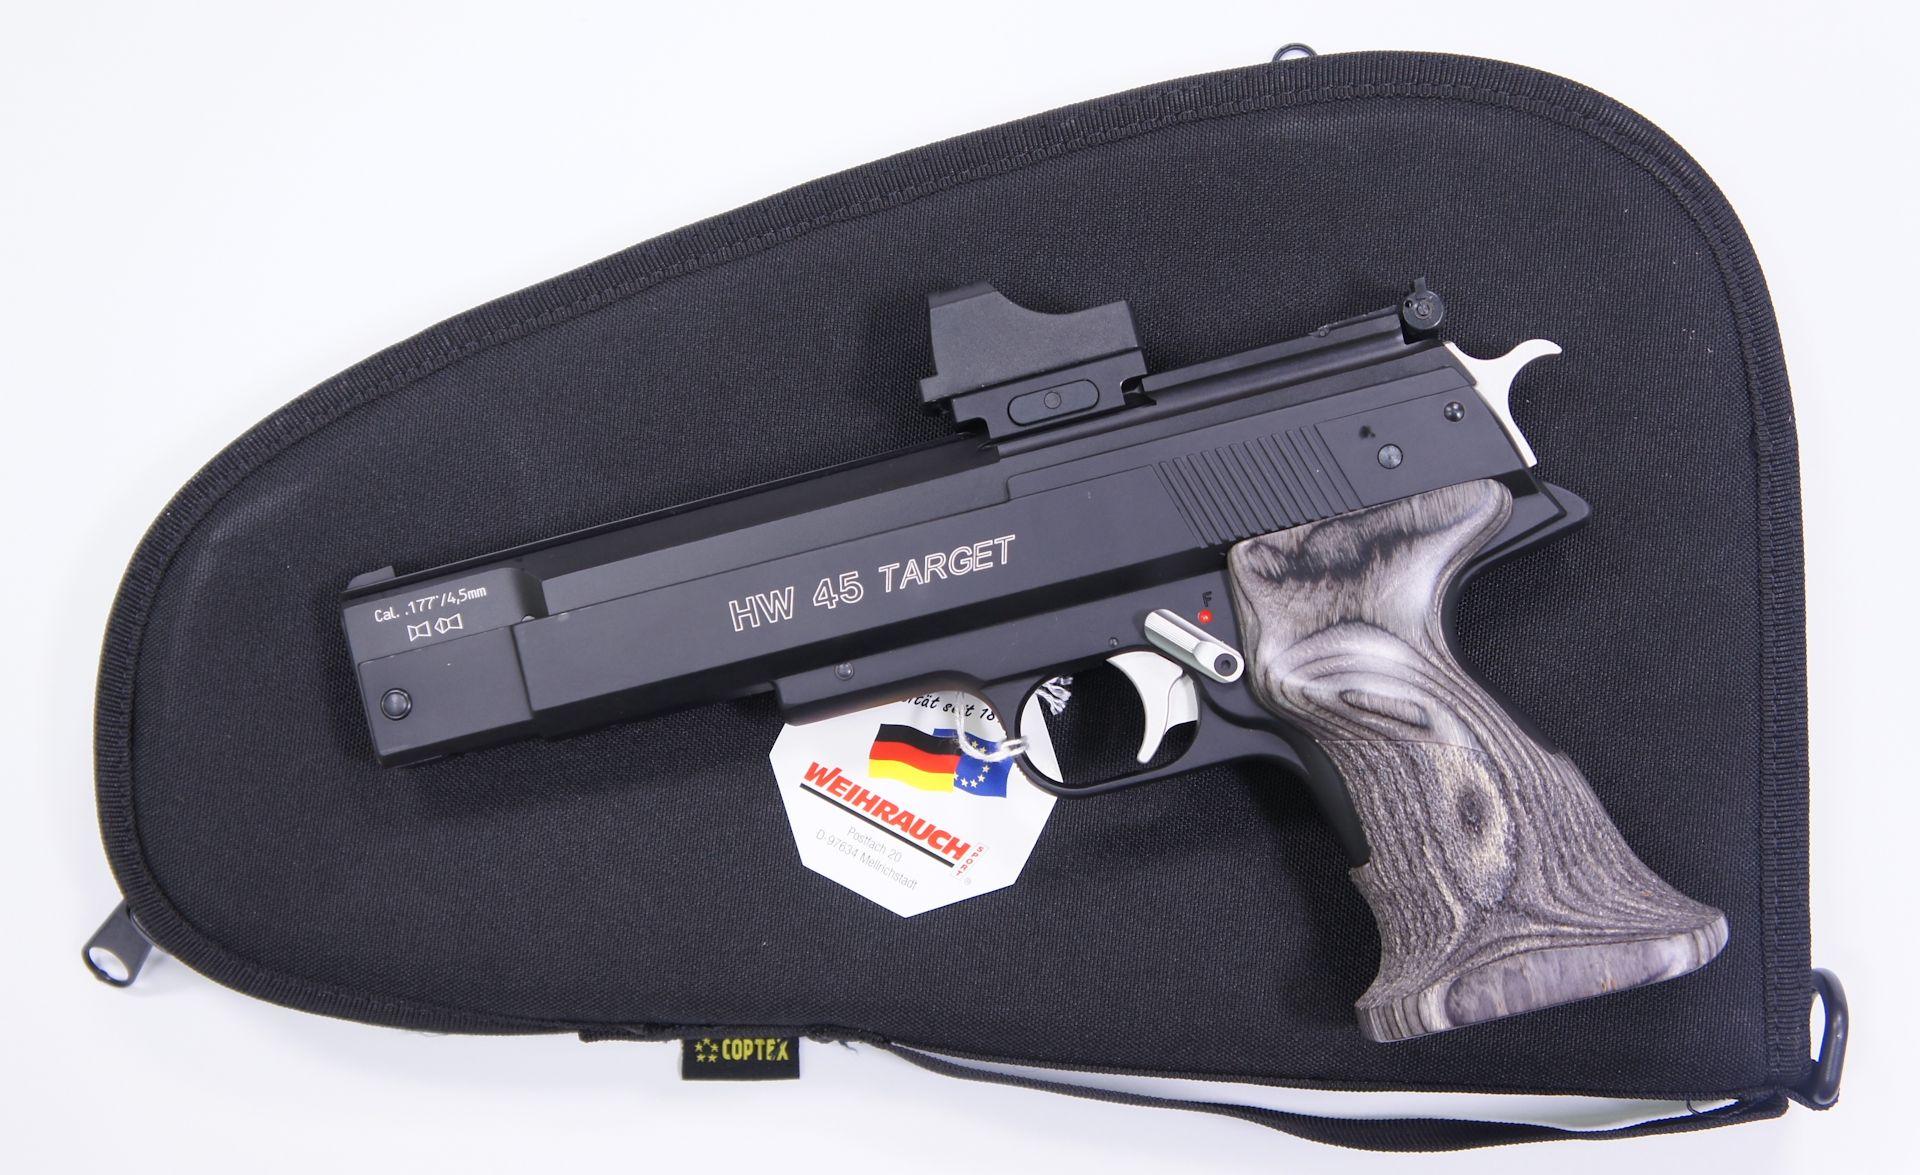 Als Zubehör für die HW 45 Trophy RTU (Bildbeispiet mit Targetversion) mit aufgesetzter Optik kann ich Ihnen <a href=1340088.htm> solche praktische Pistolentasche </a> für Aufbewahrung und Transport anbieten. Die Tasche wäre mittels Vorhängeschloss abschließbar.